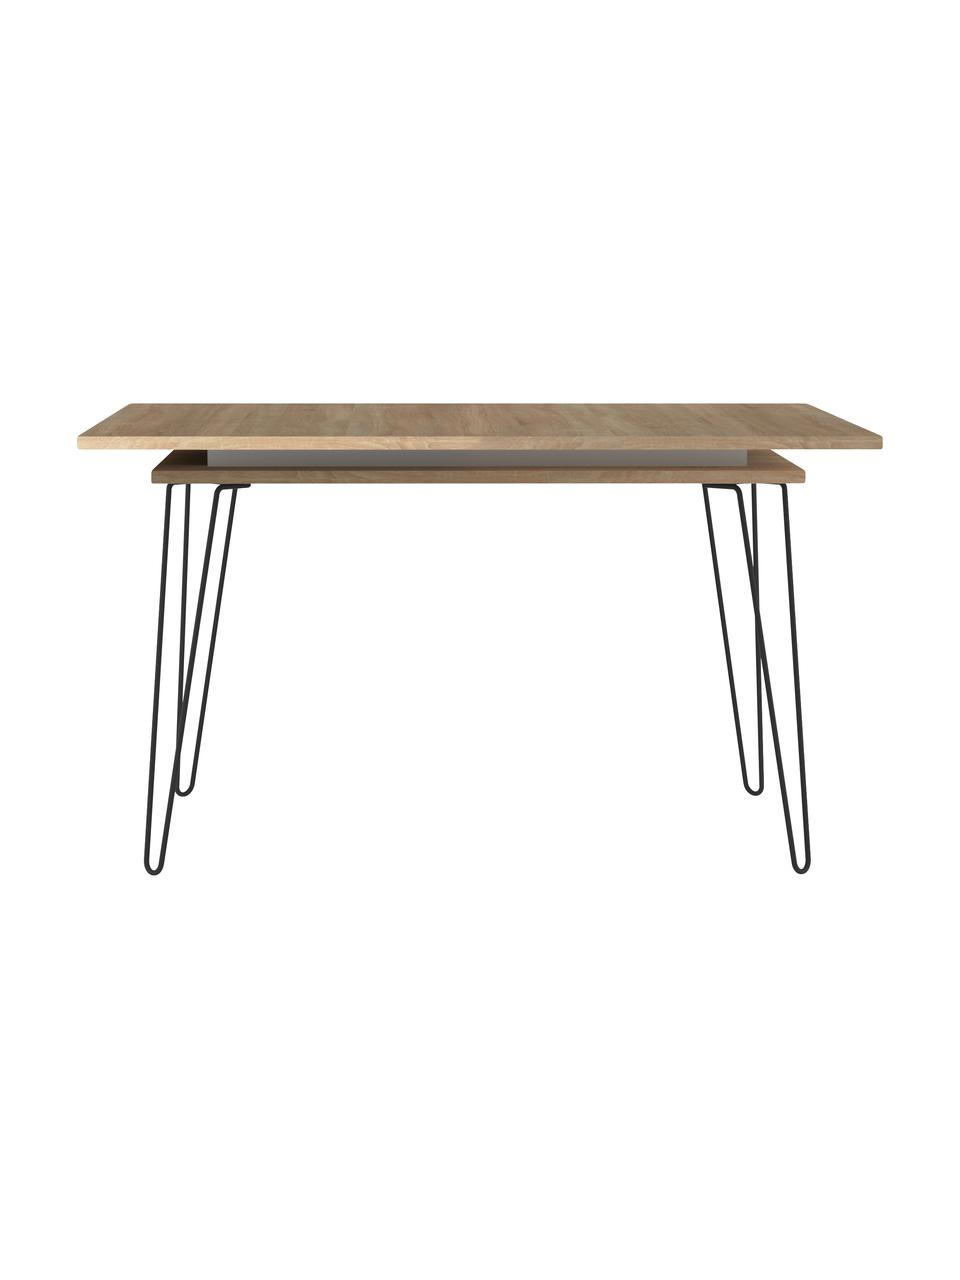 Stół rozkładany do jadalni Aero, Nogi: metal lakierowany, Drewno dębowe, S 134 do 174 x G 90 cm